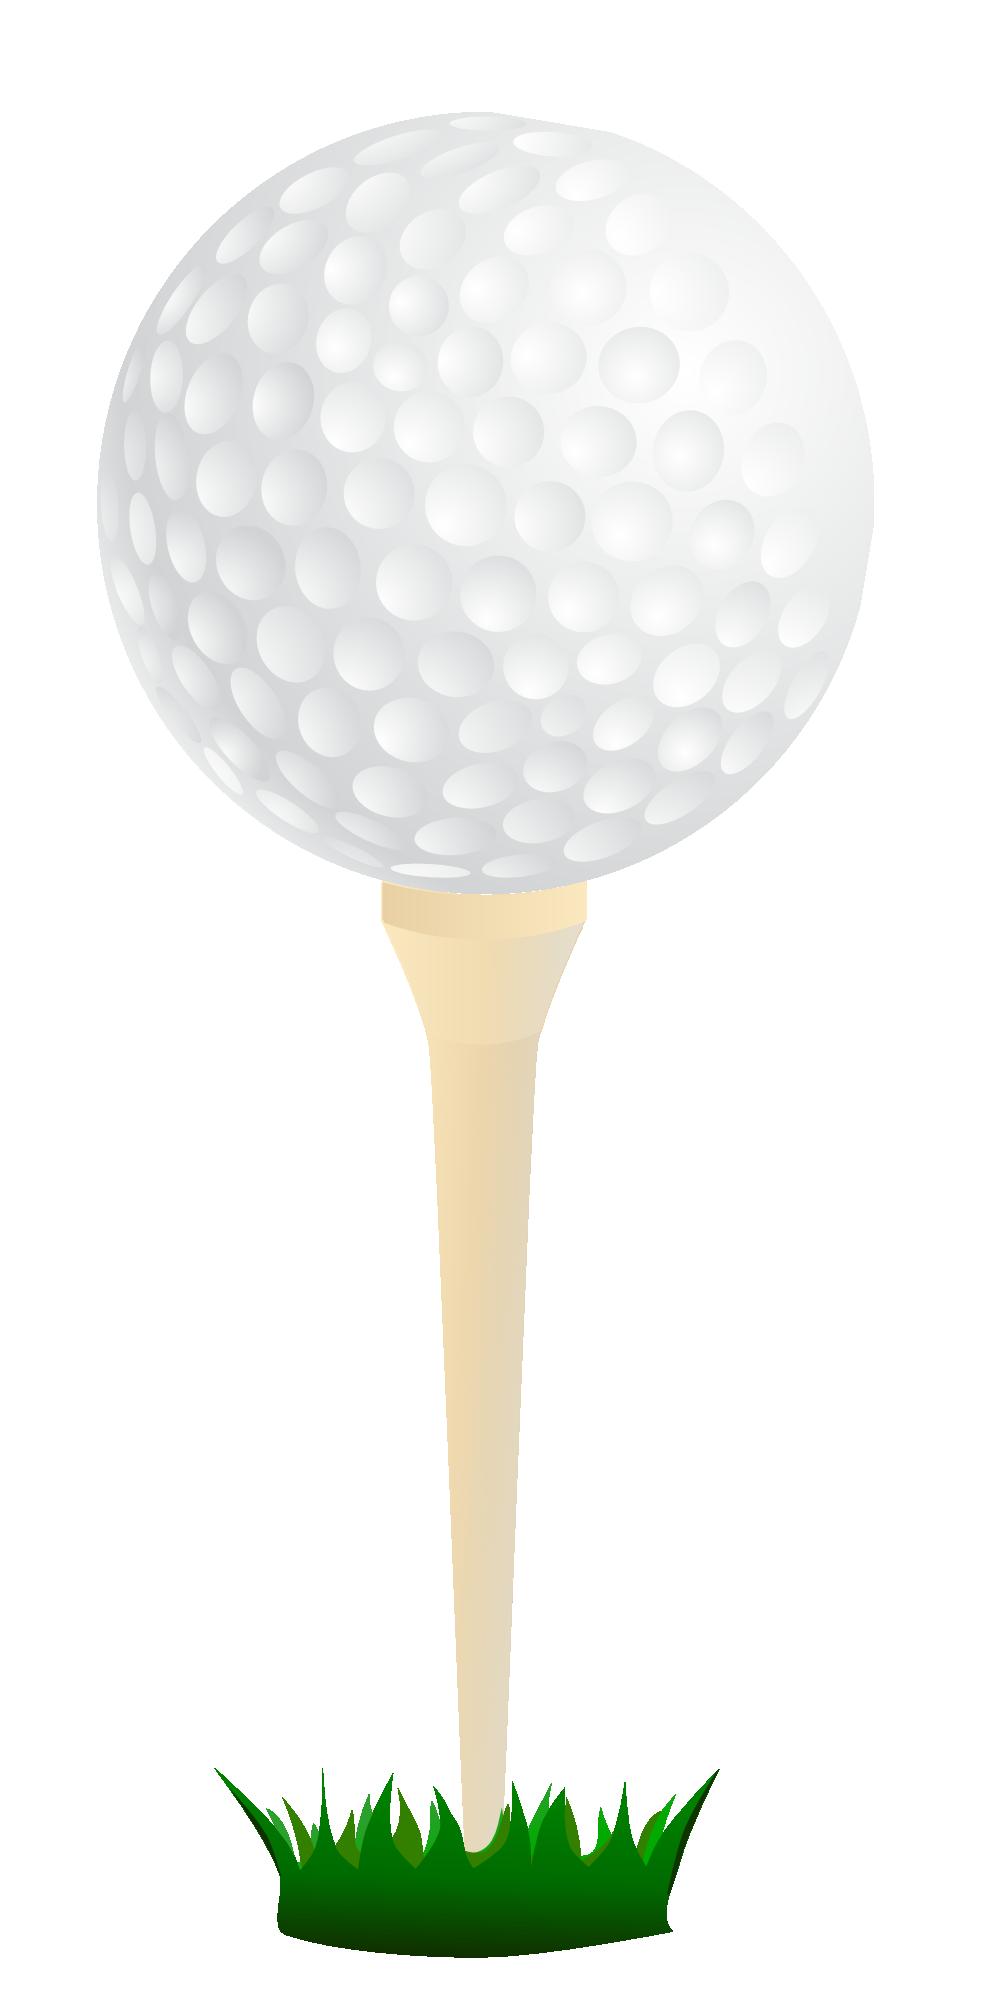 Golf ball clip art. Golfer clipart duffer